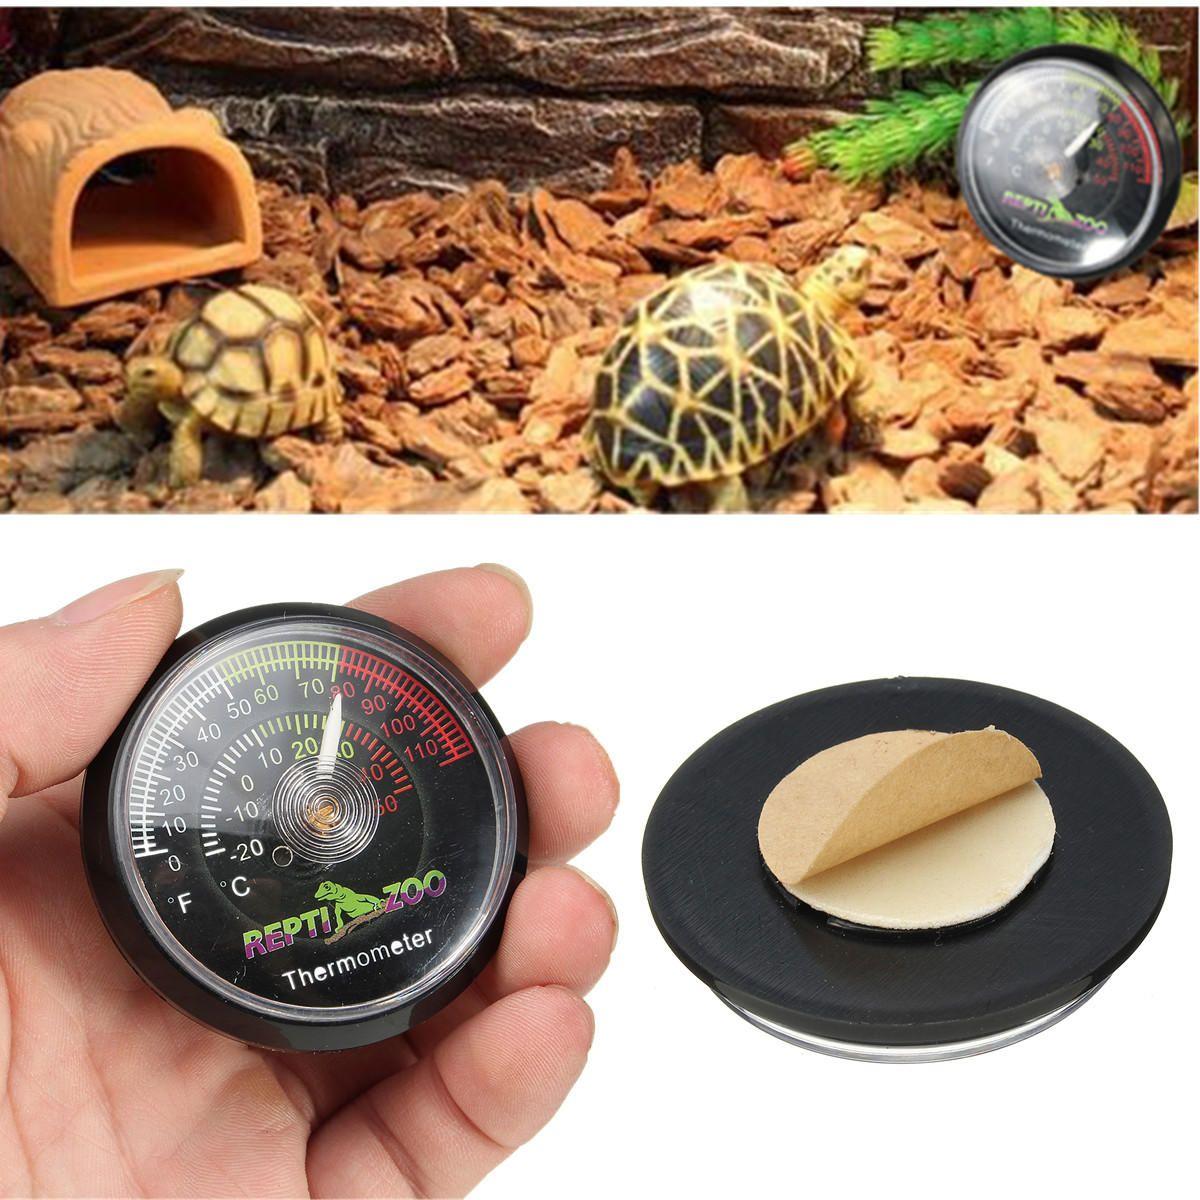 Us reptile tortoise vivarium terrarium temperature meter